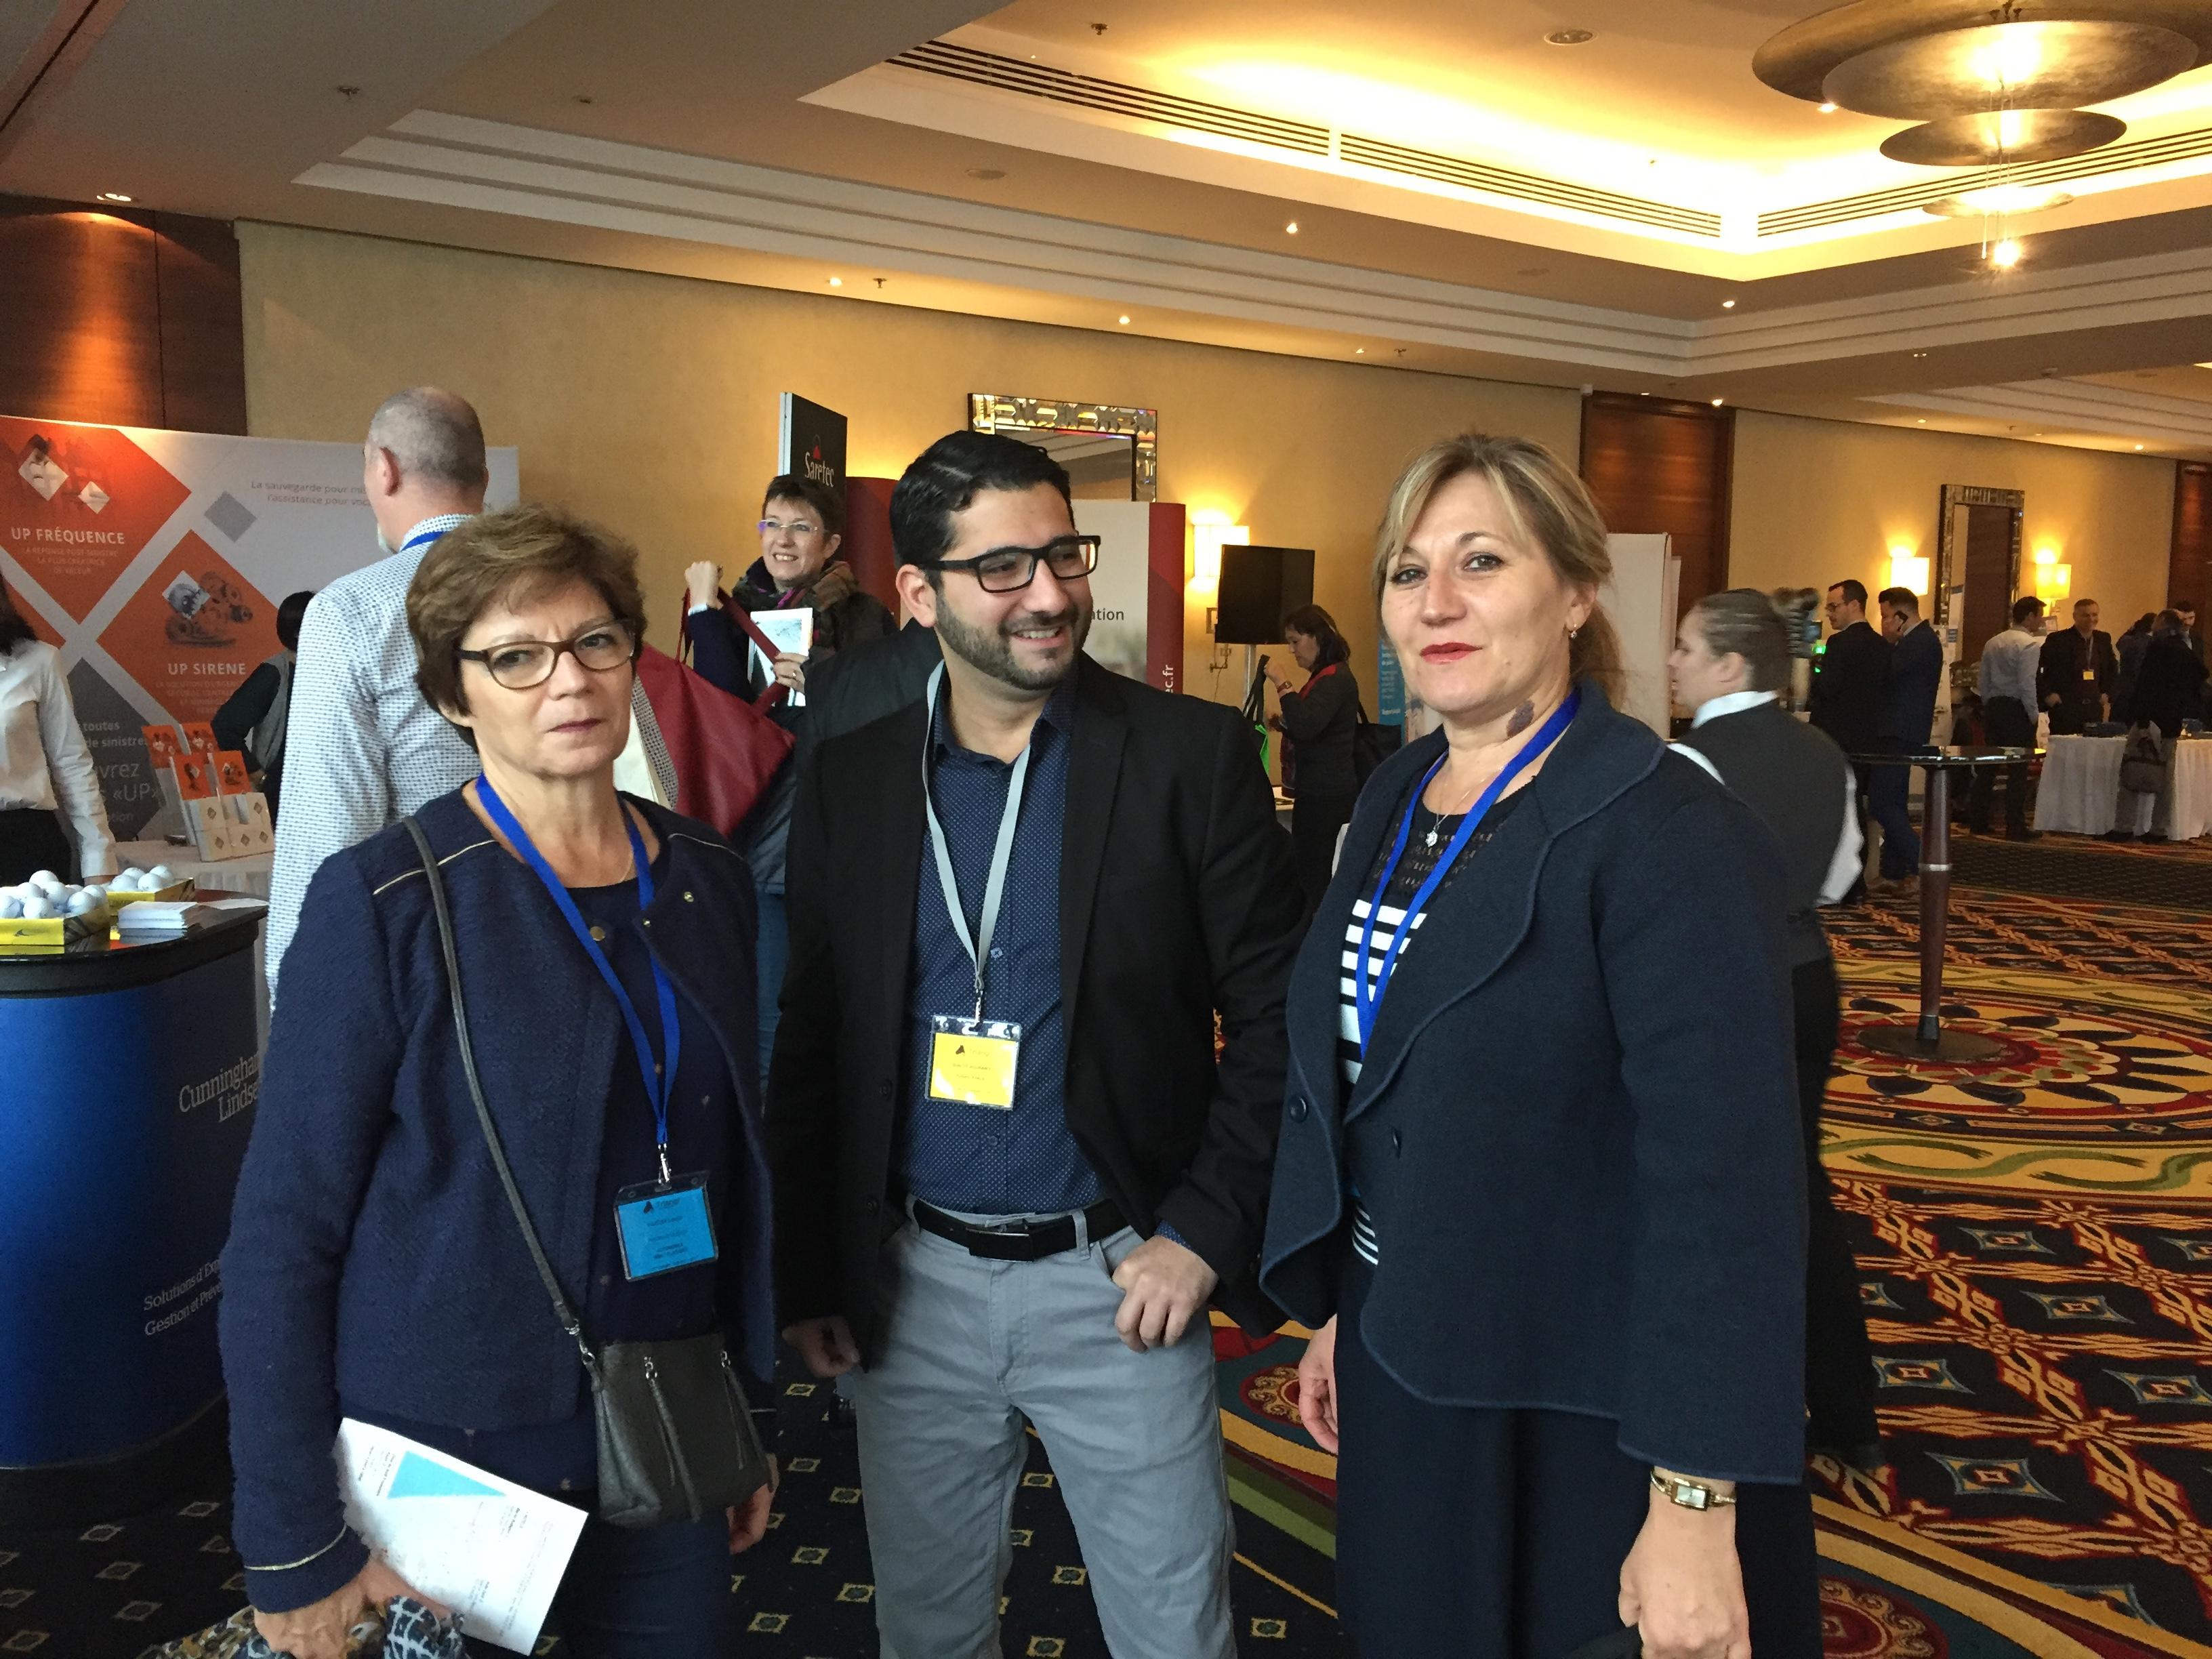 De gauche à droite : Mme Colette PALLICIEN, Mr Hussein KHALIL, Mme Edith REYNIER